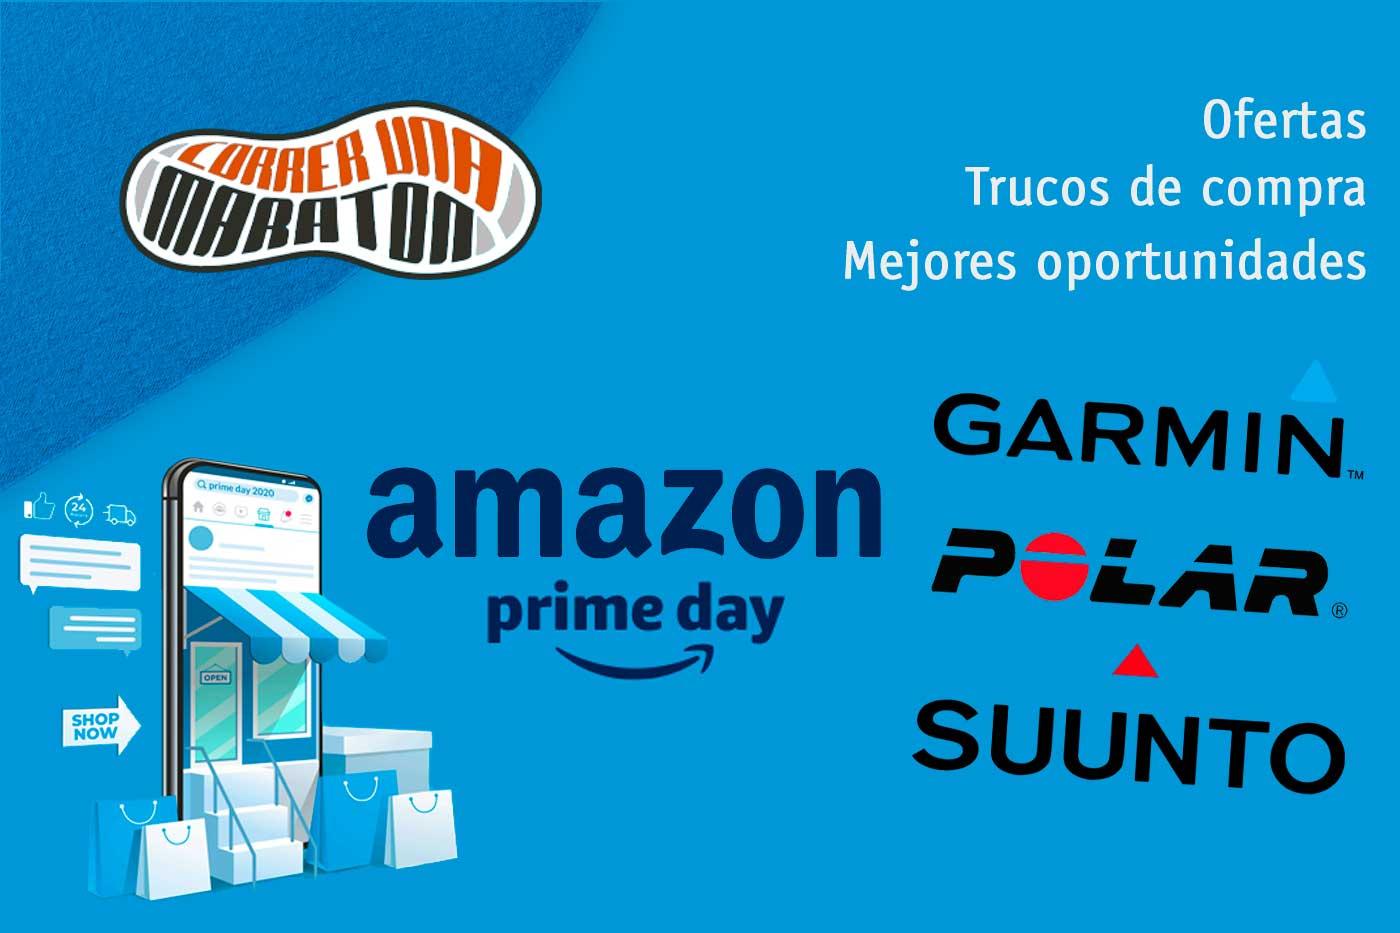 Prime Day Amazon Garmin Polar Suunto